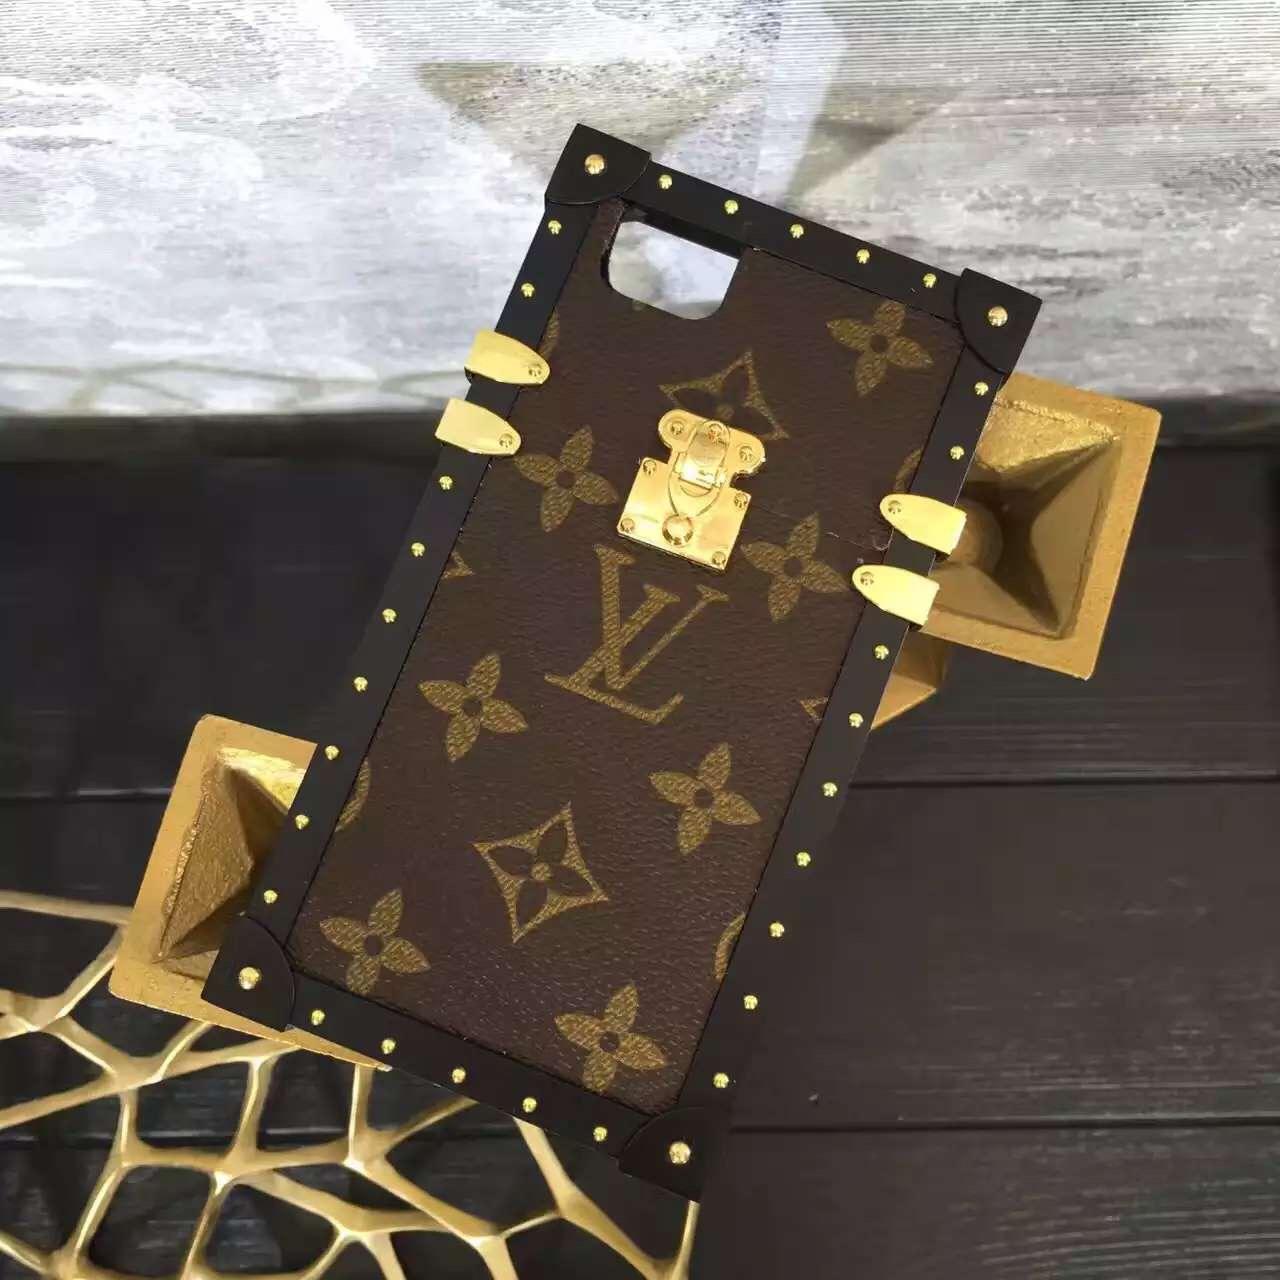 2017 Louis Vuitton Petite Malle iPhone 7/6 Case Gold